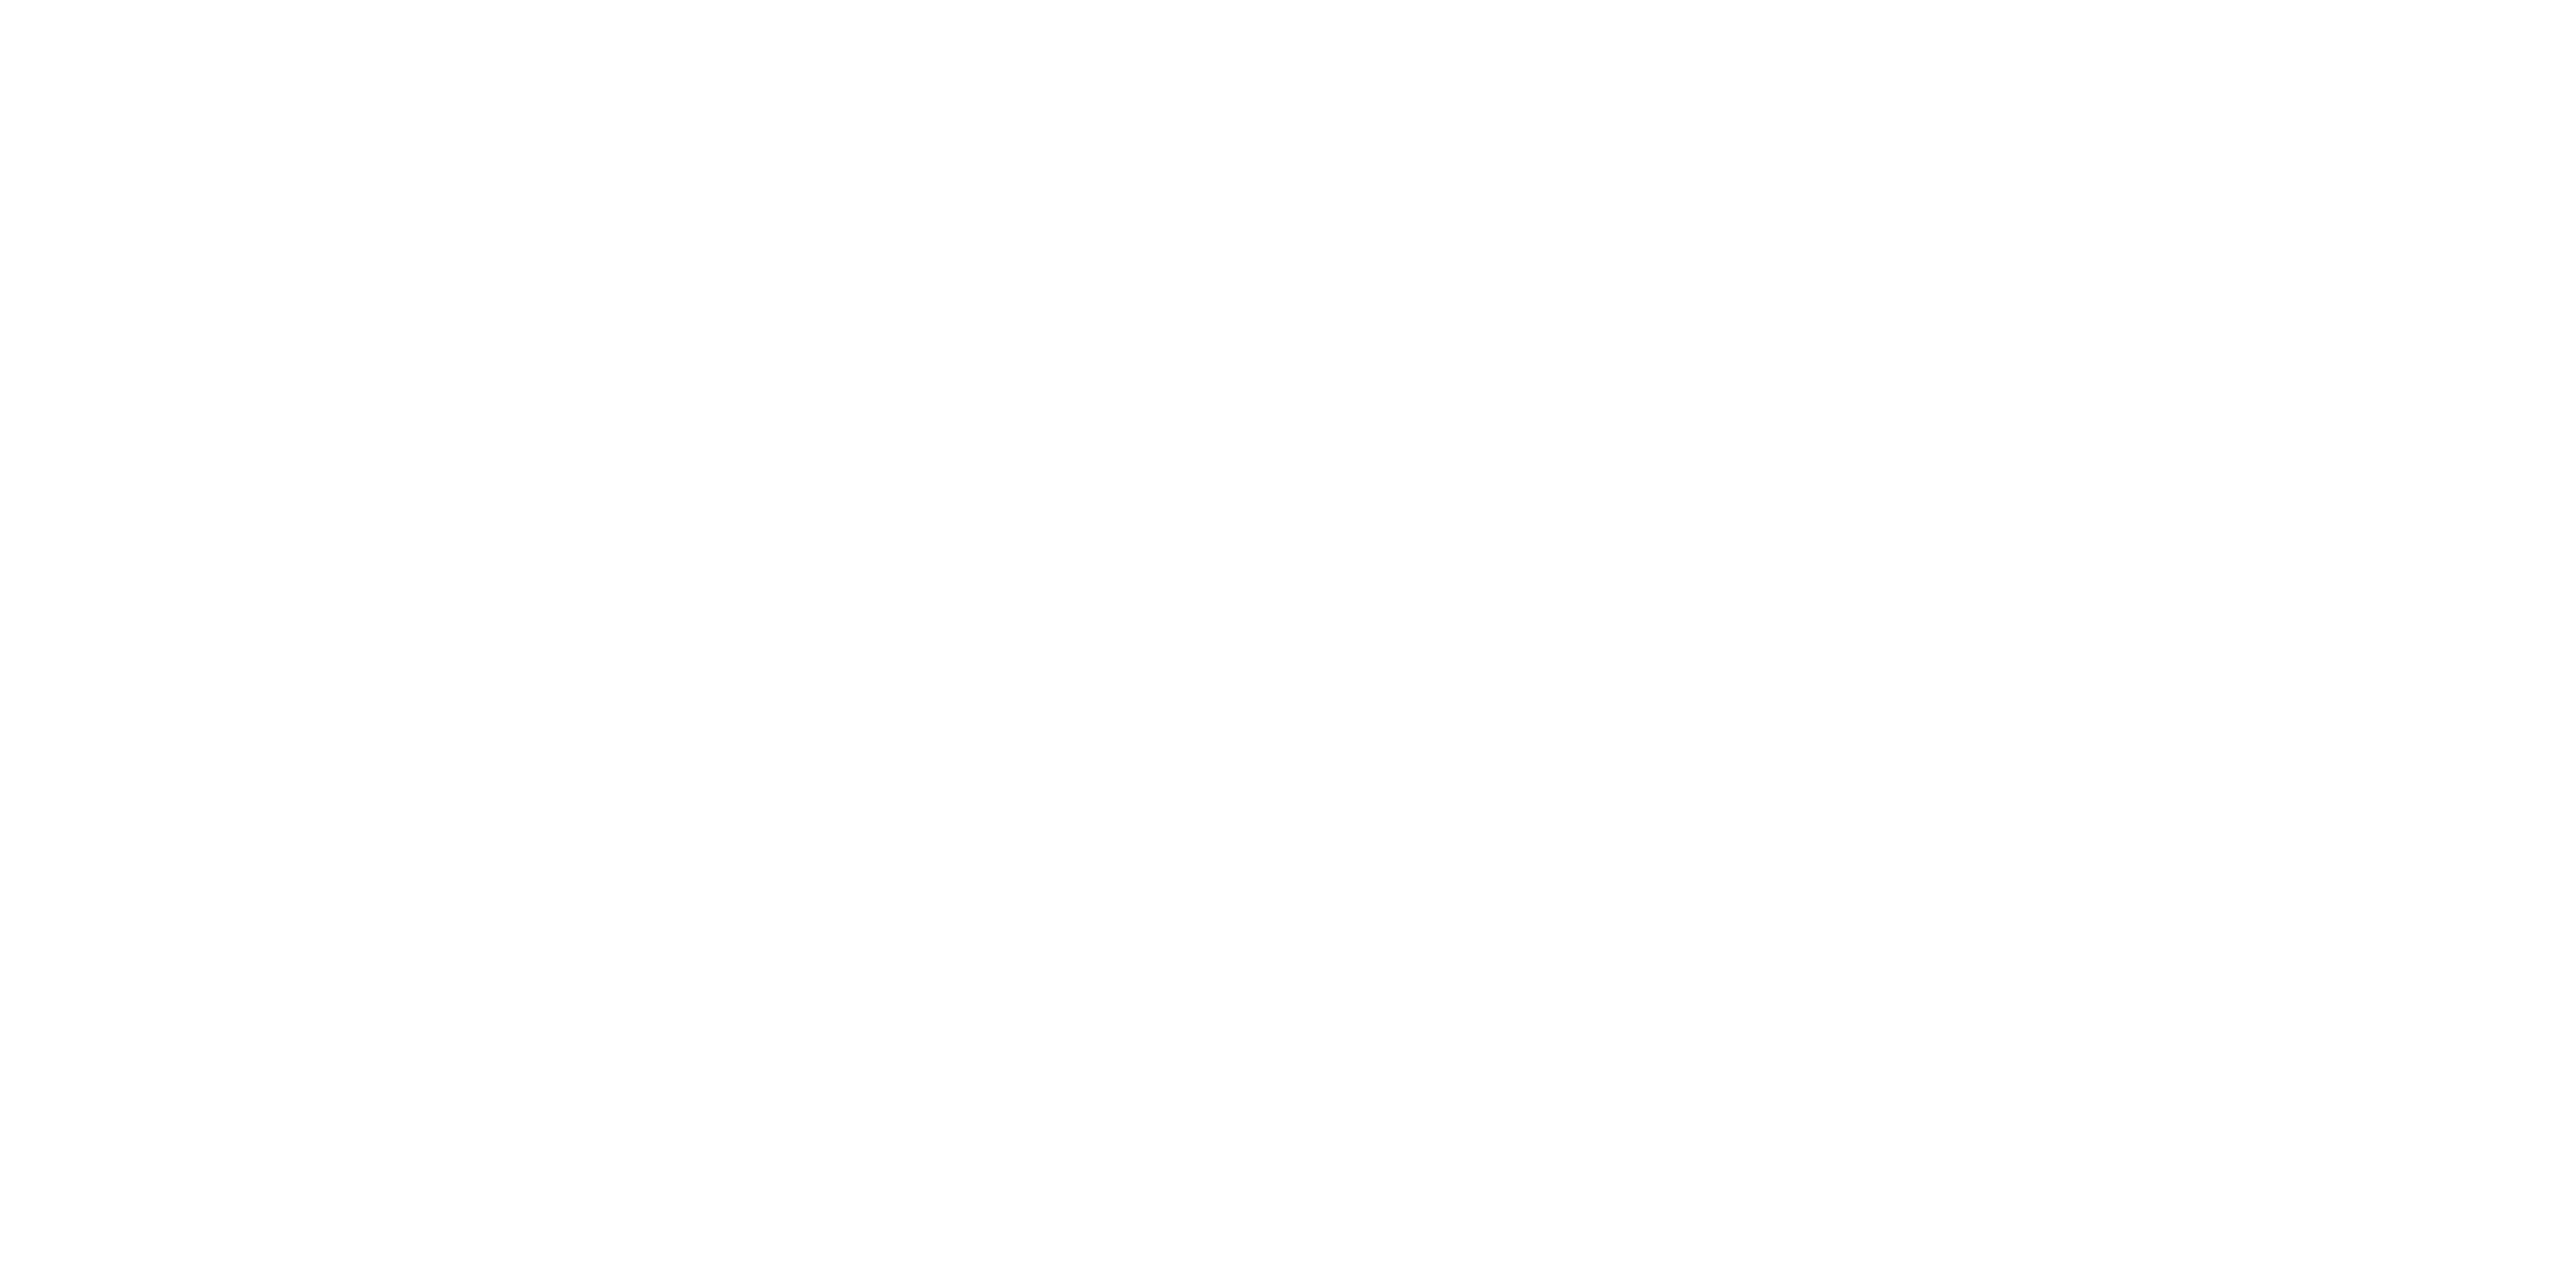 Backgroud02